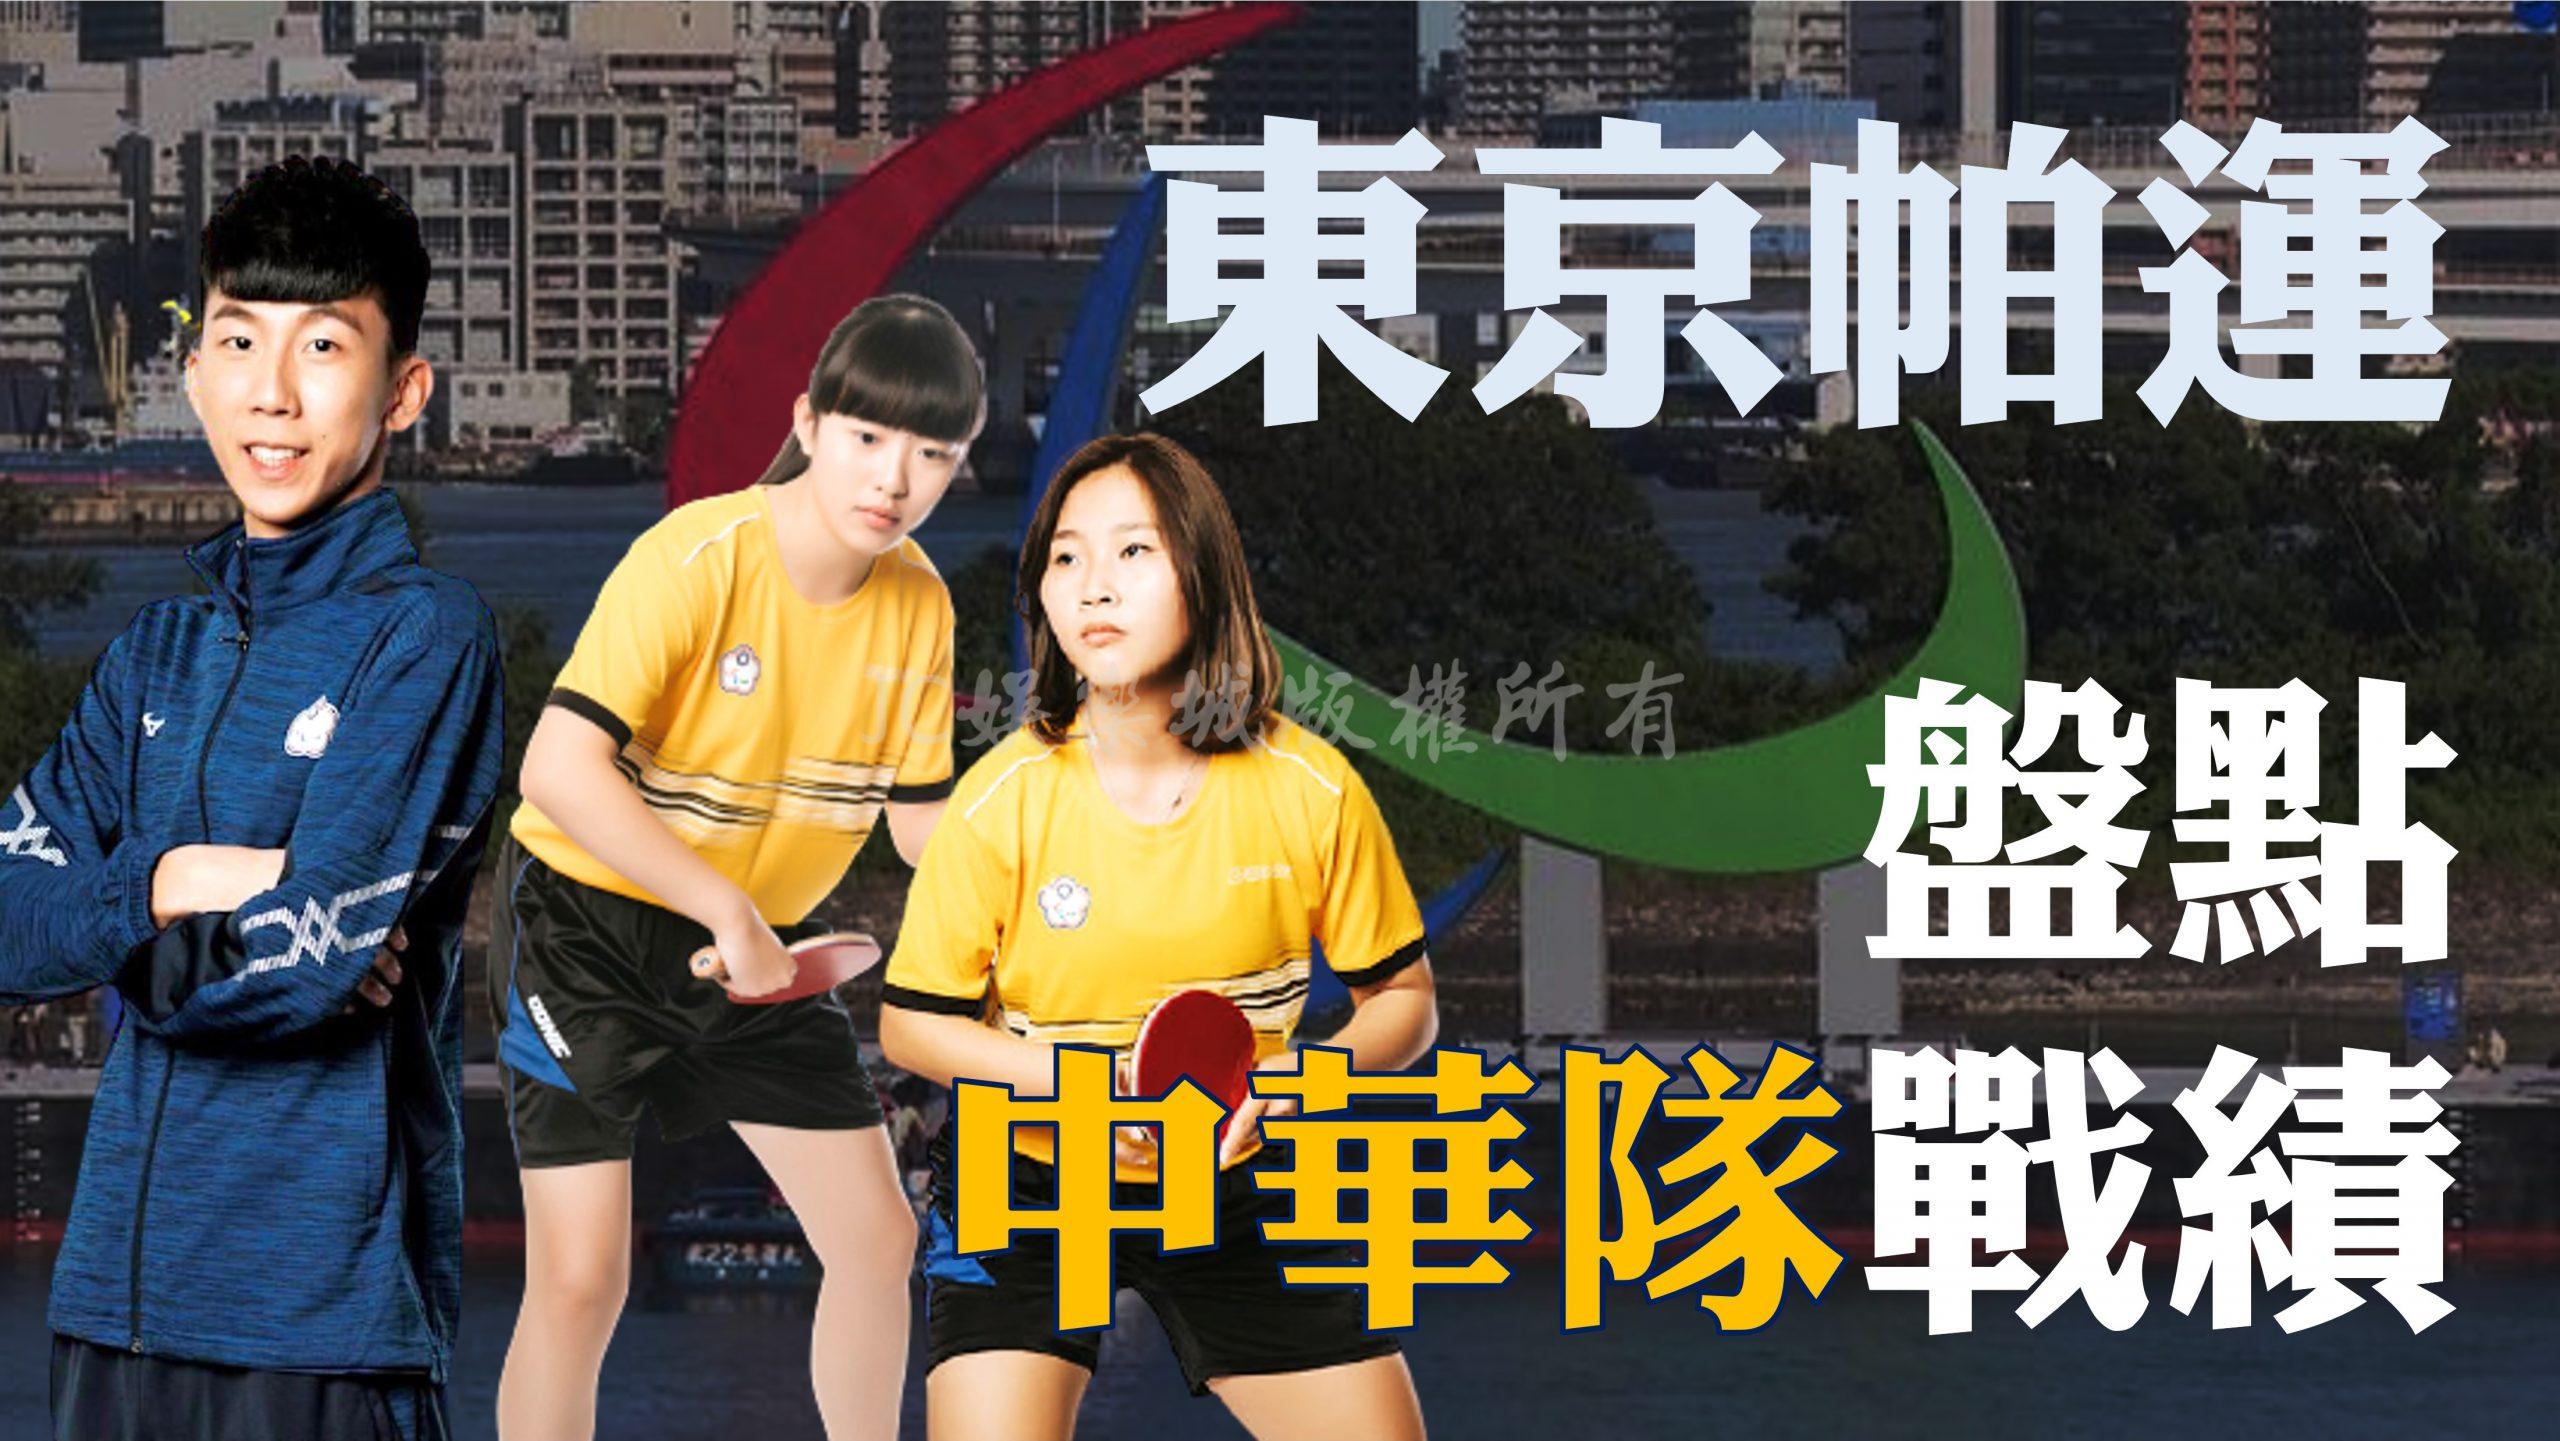 【最新帕運戰績】中華隊帕運選手超強!又有獎牌入袋了!